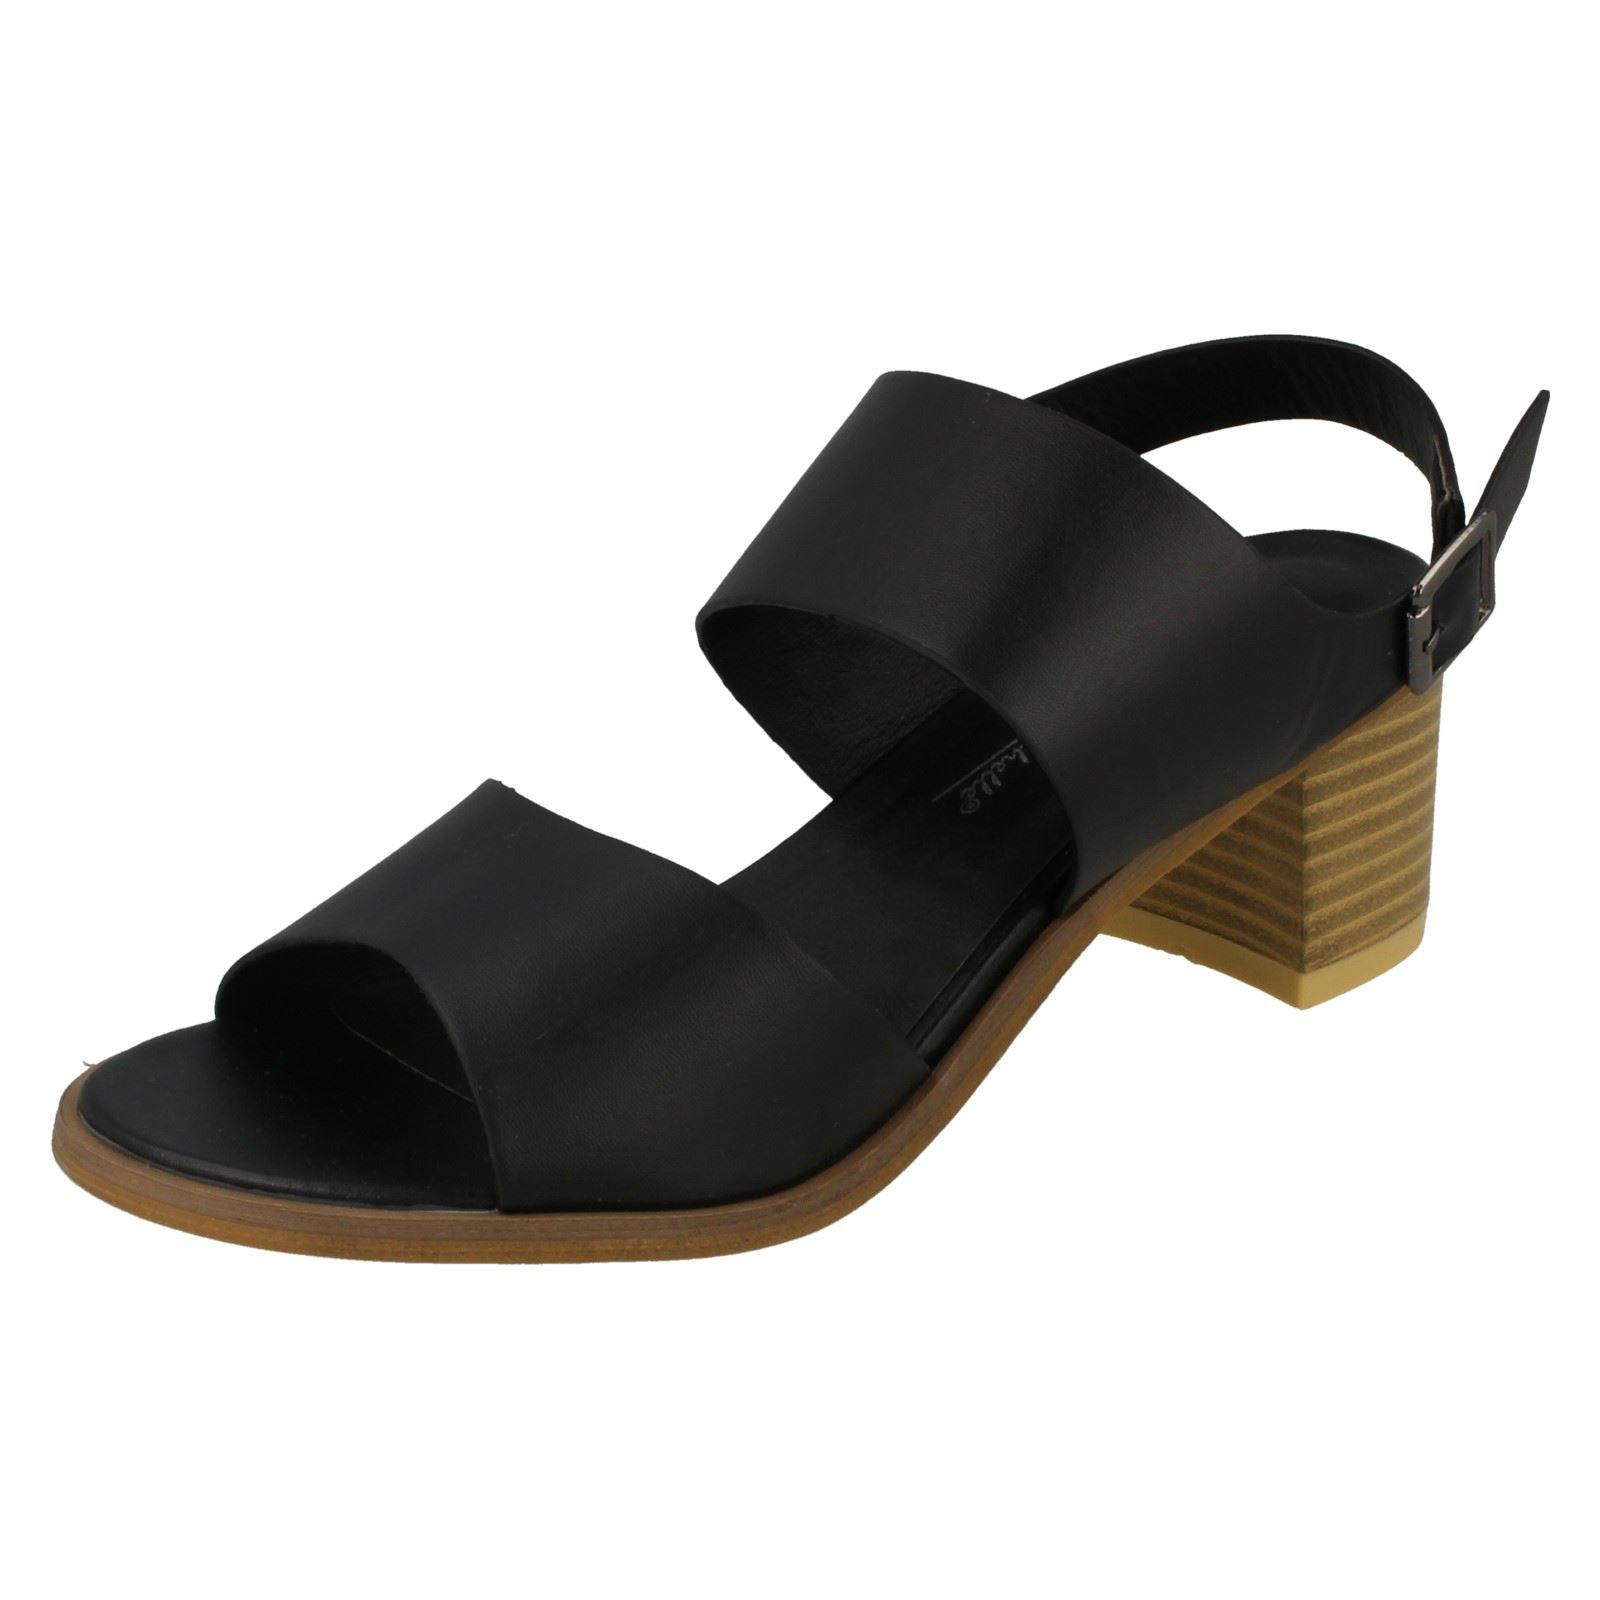 Anne Michelle l6r750 donna sandalo con cinturino alla Caviglia Nero 64A Kett